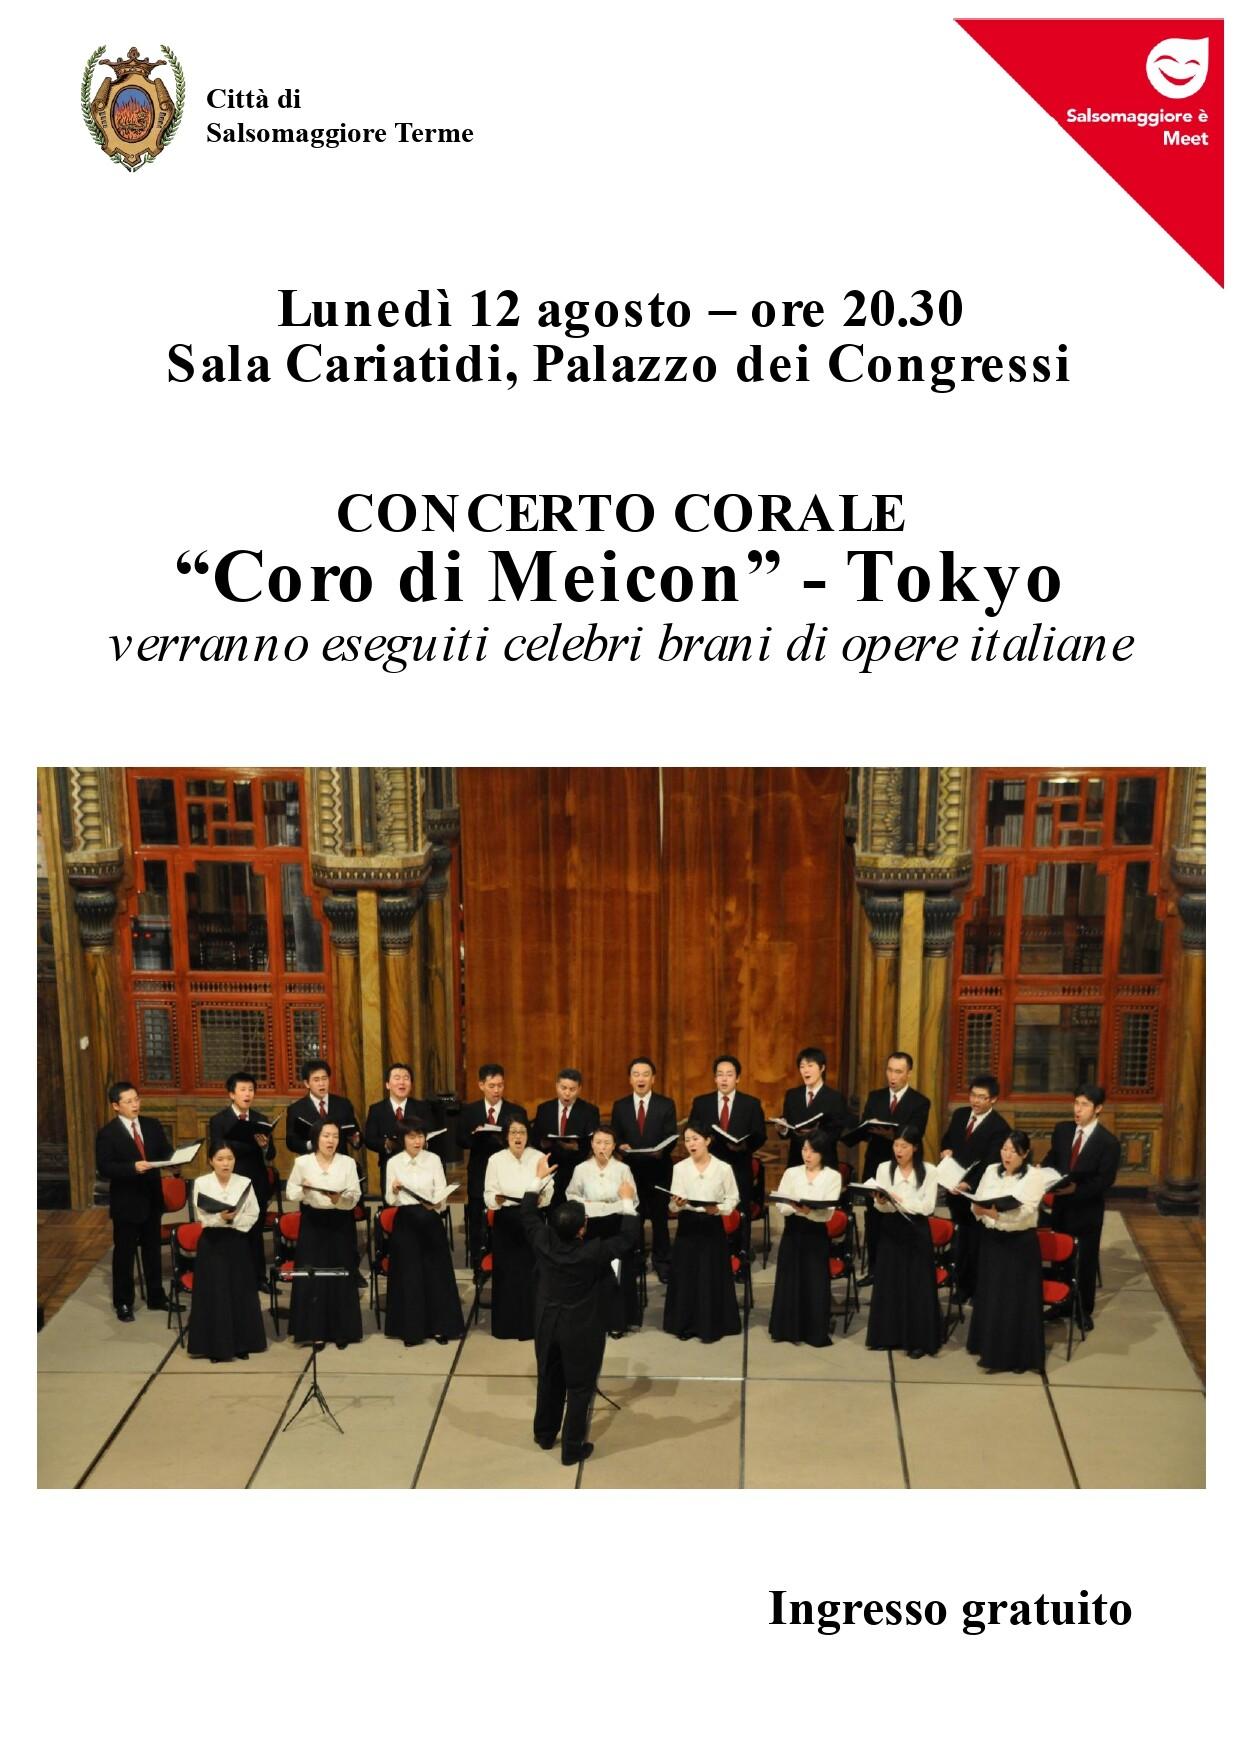 Concerto Corale con il  Coro di Meicon dal Giappone